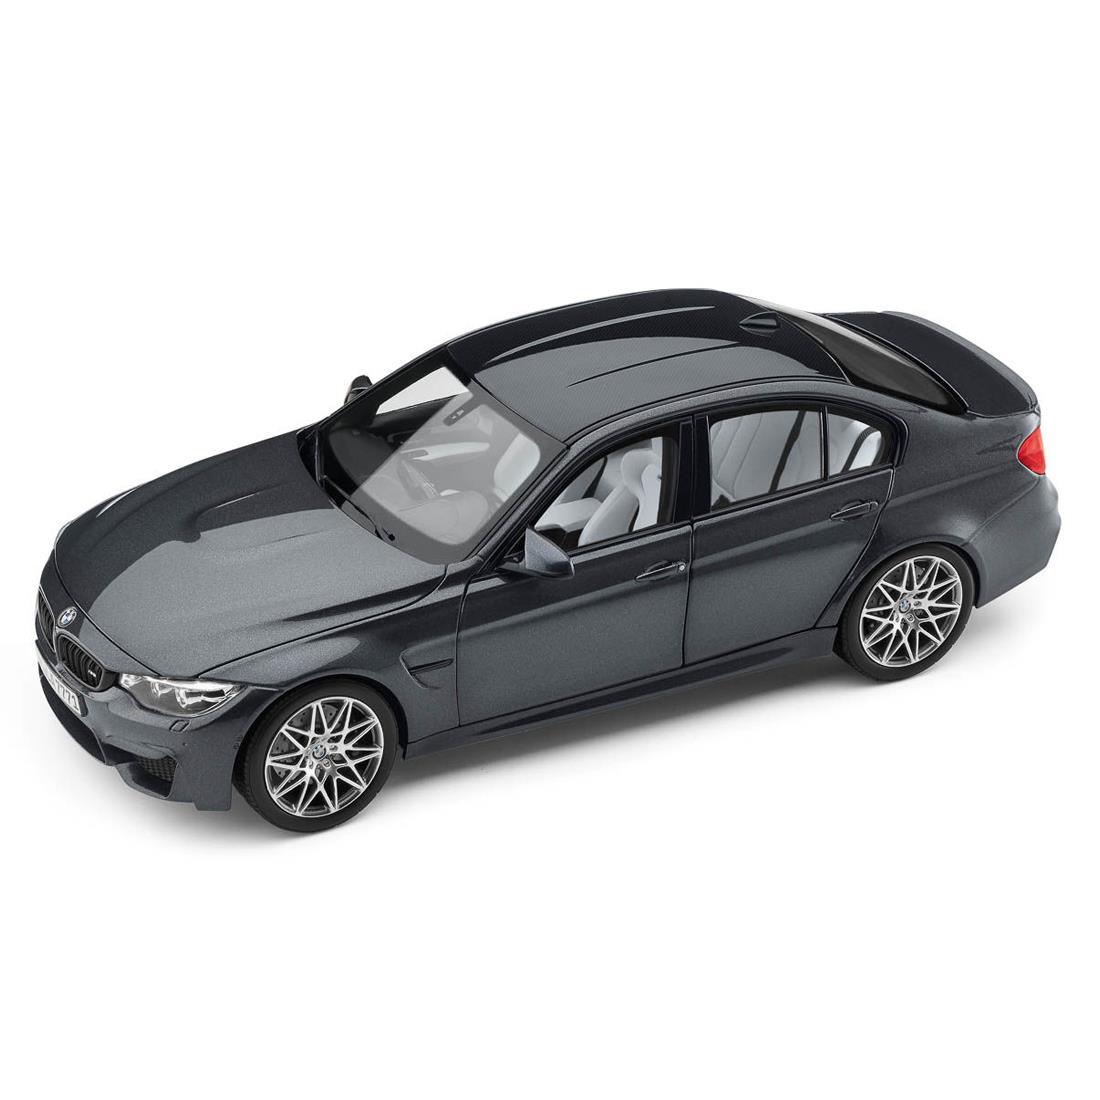 BMW MINIATURE M3 (F80) 1:18